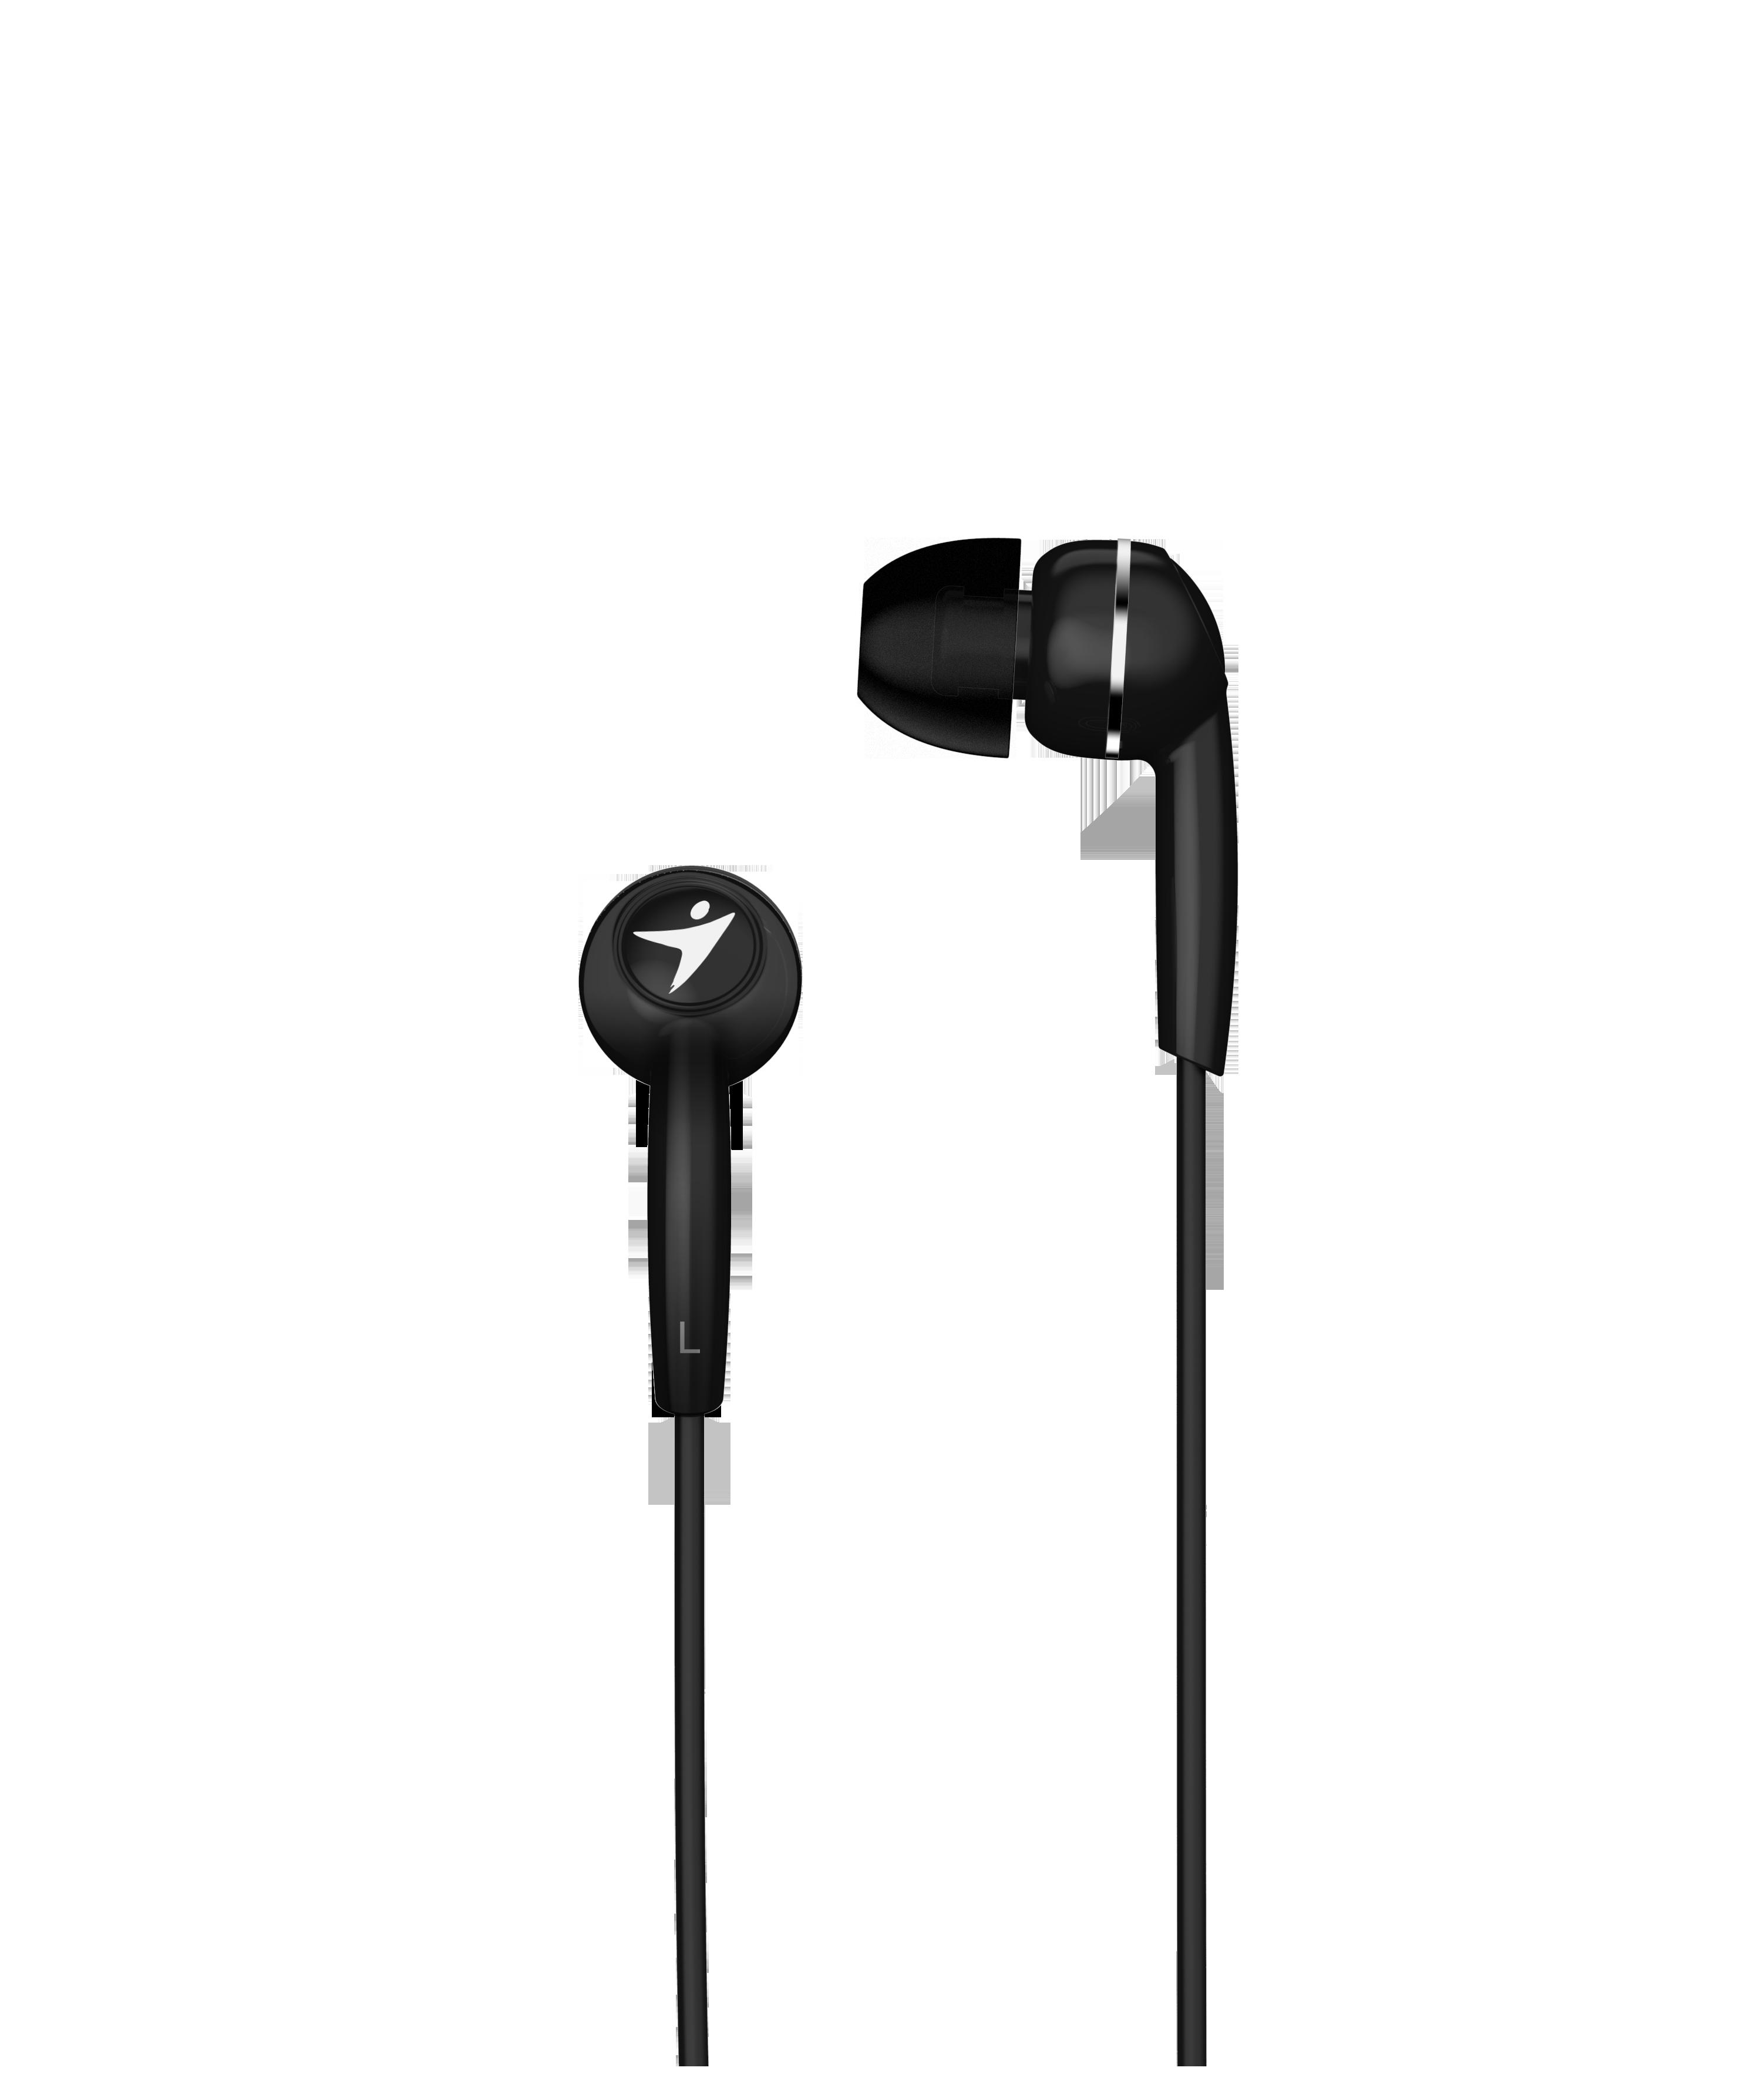 Wholesale headset : hs-m320 black